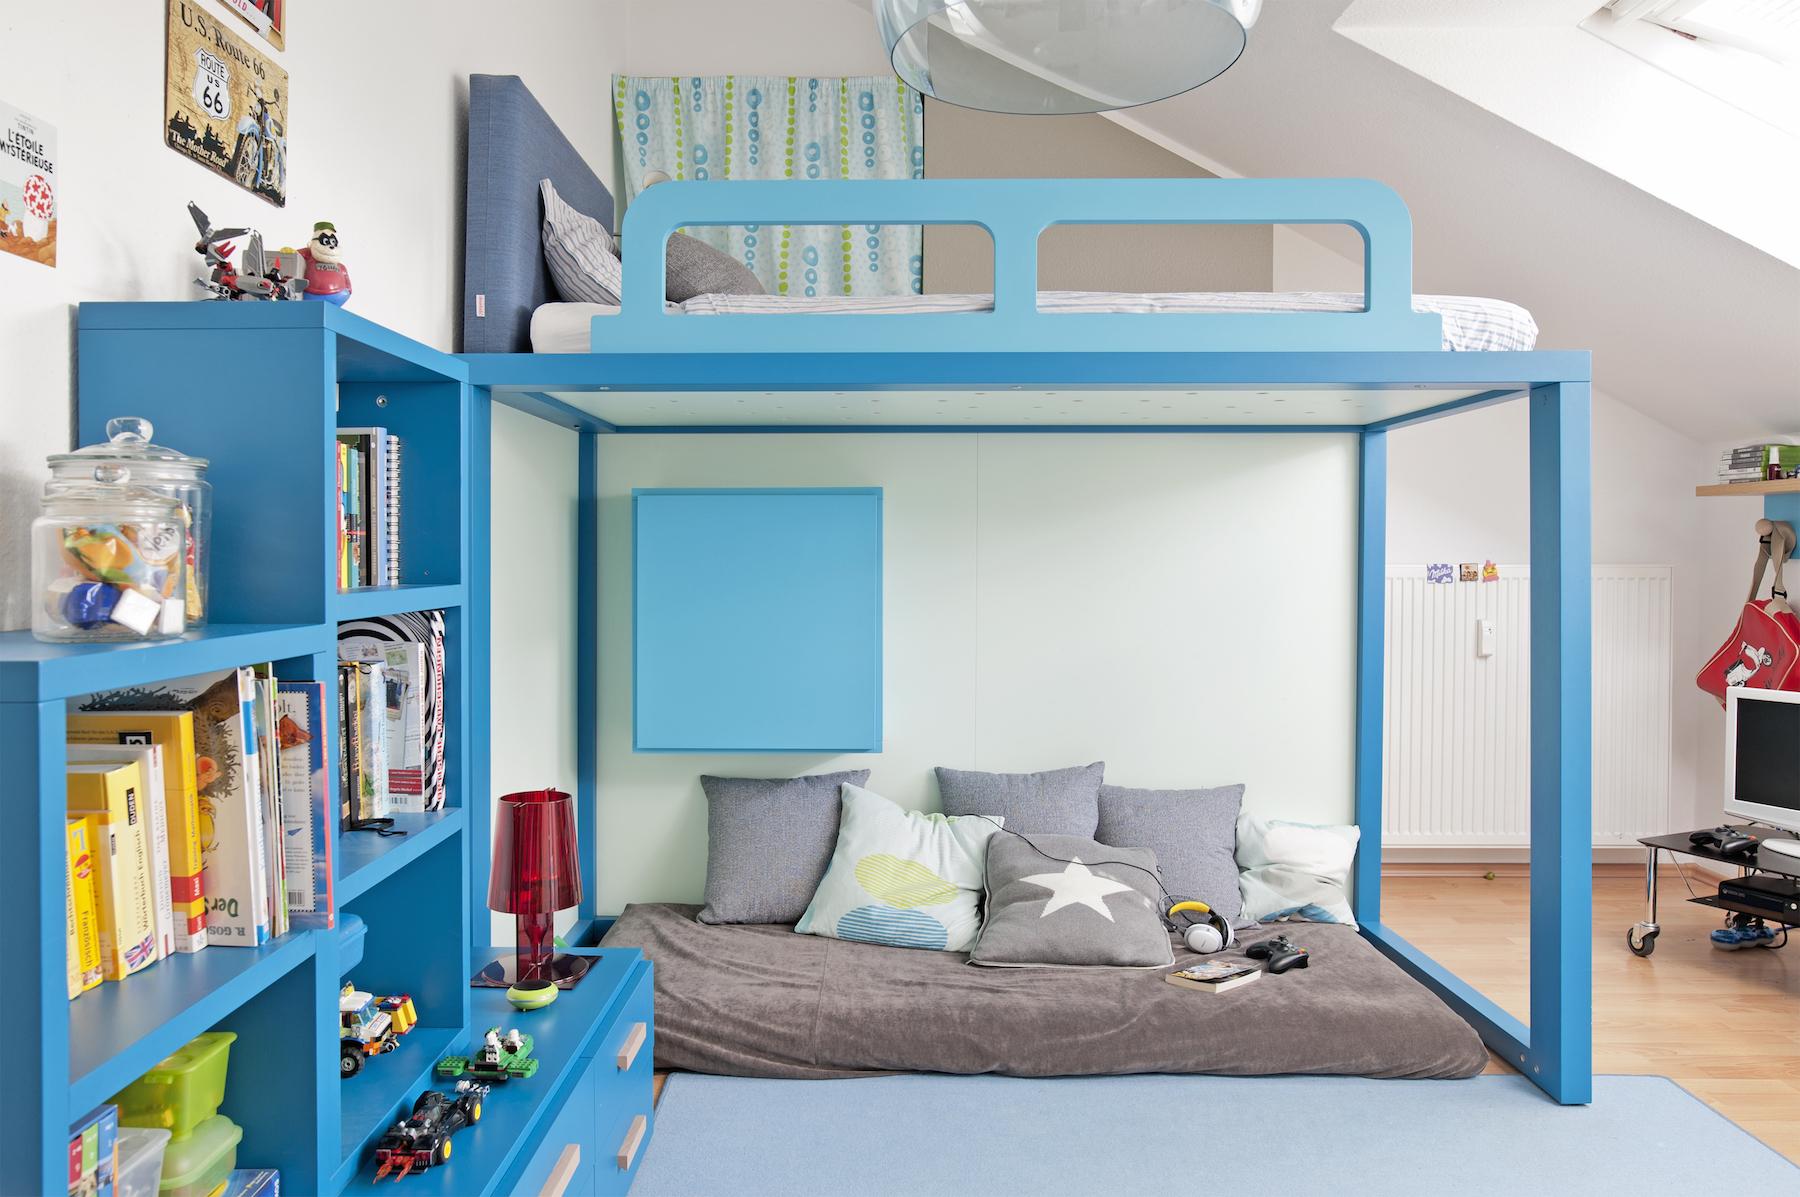 MOBIMIO Kinderzimmer & Jugendzimmer Zum Wohlfühlen